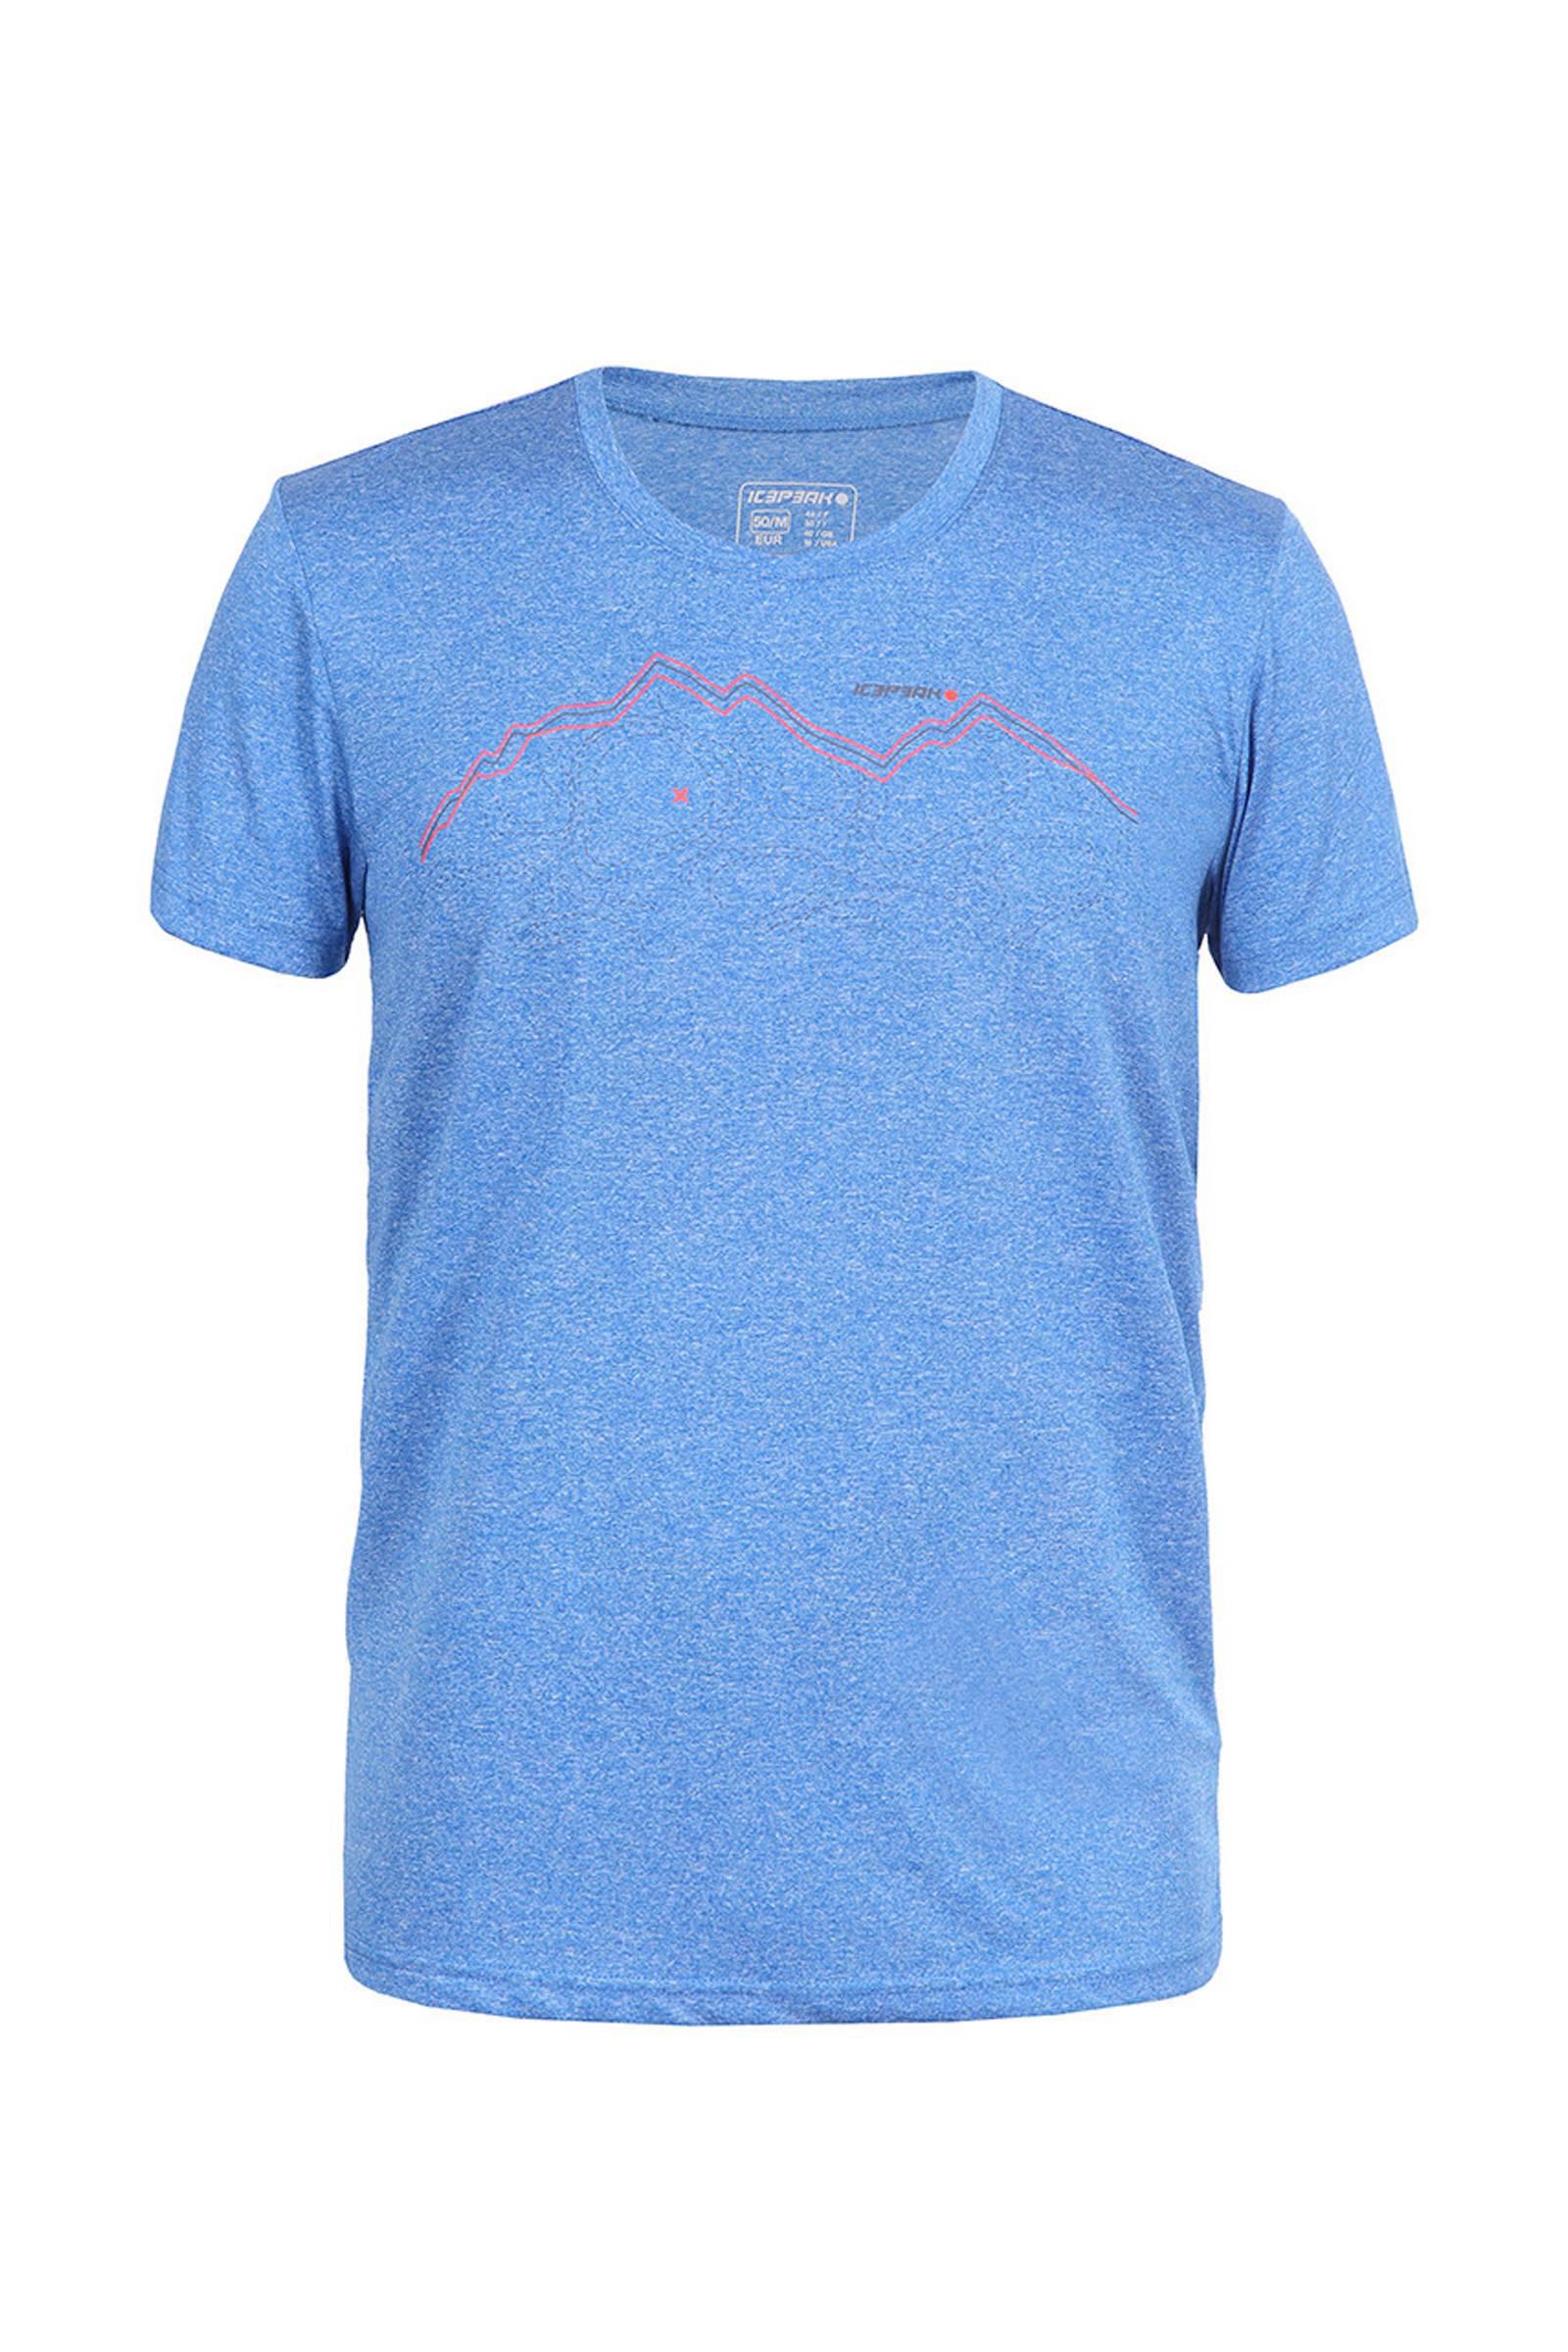 blauw Saif T shirt Icepeak outdoor nxFTqwIf